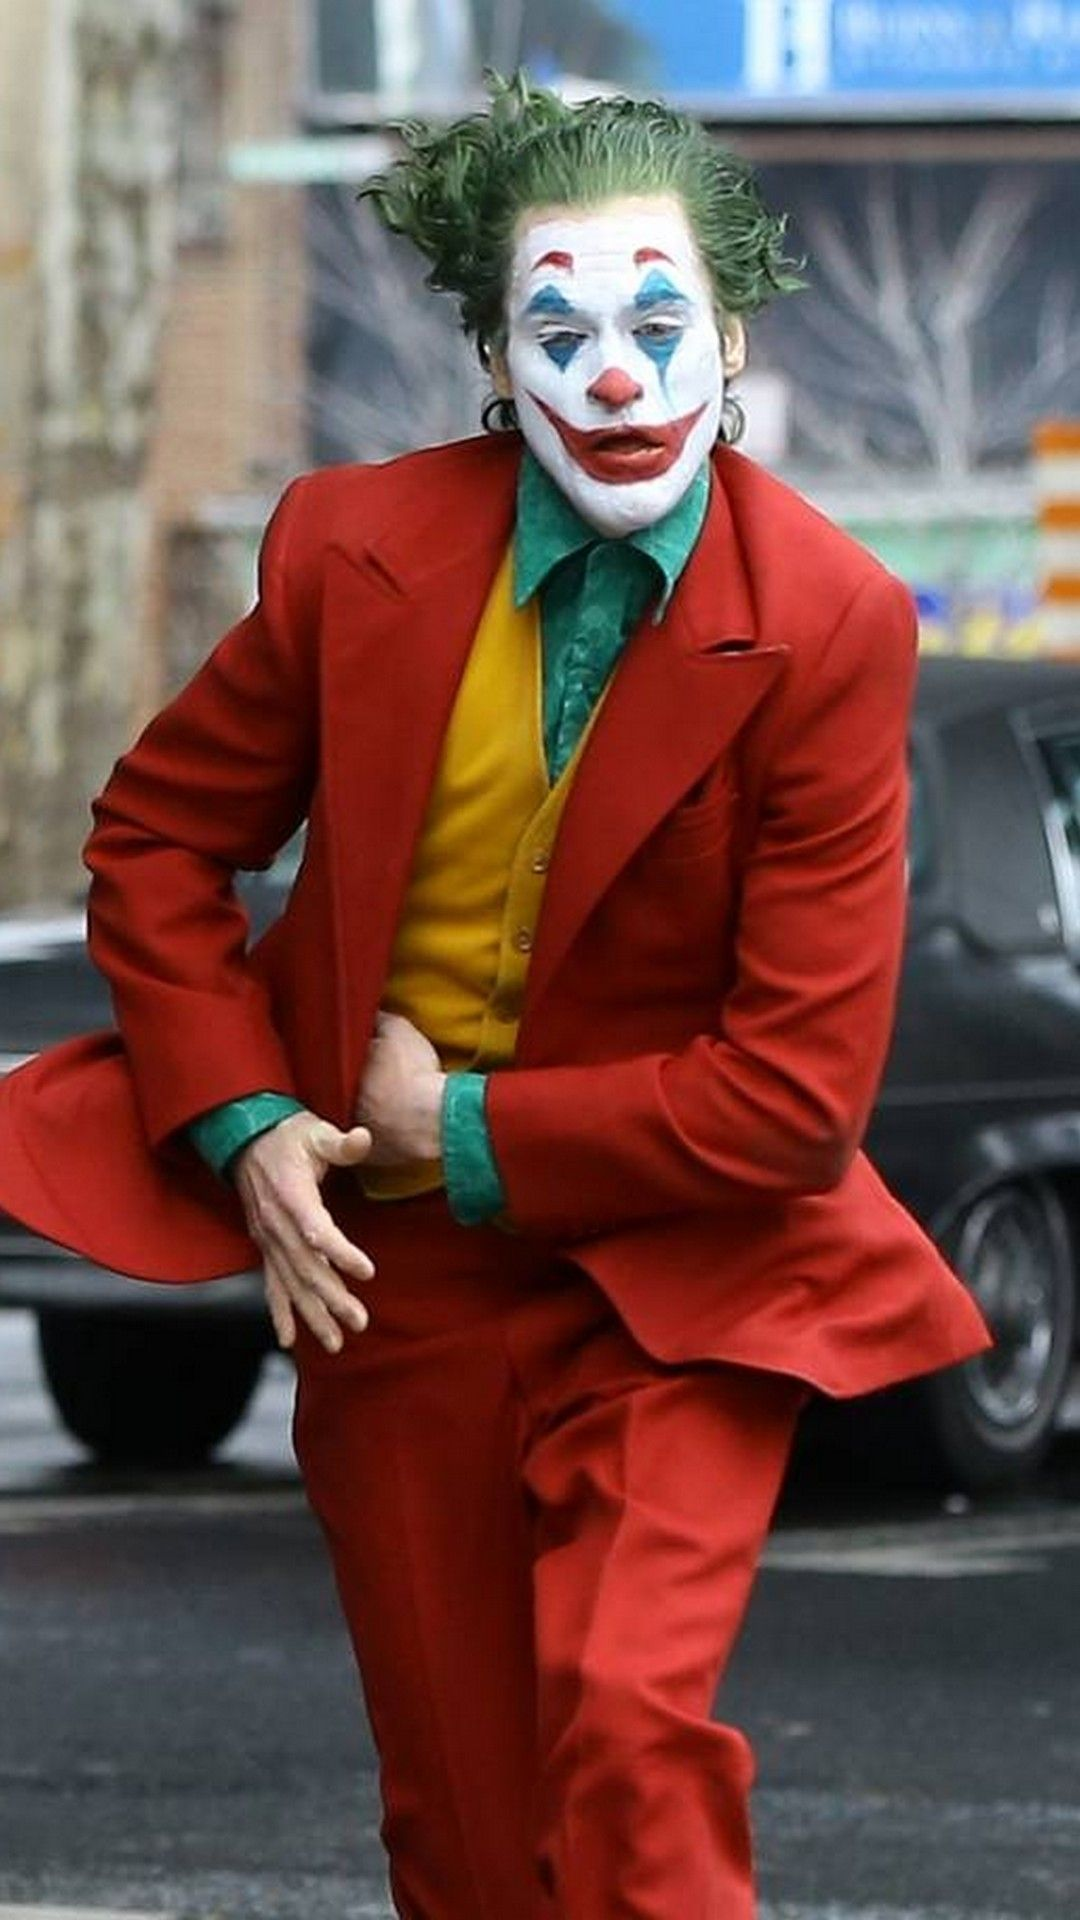 Joker 2019 iPhone X Wallpaper Joaquin phoenix, Joker